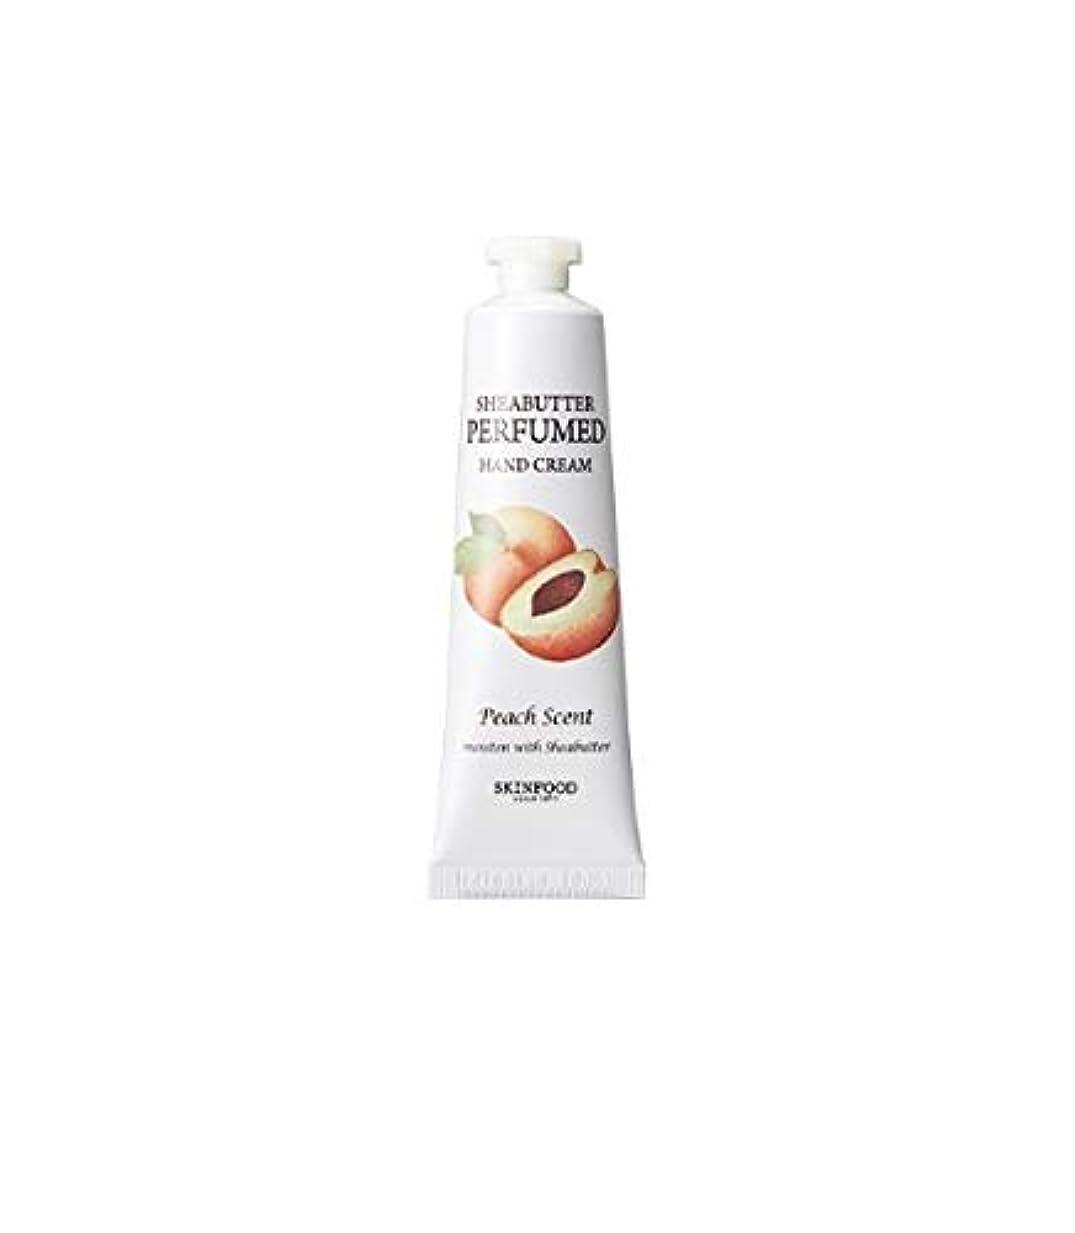 カートリッジ偏見汚すSkinfood シアバター香水ハンドクリーム#ピッチ/Shea Butter Perfumed Hand Cream #Pitch 30ml [並行輸入品]